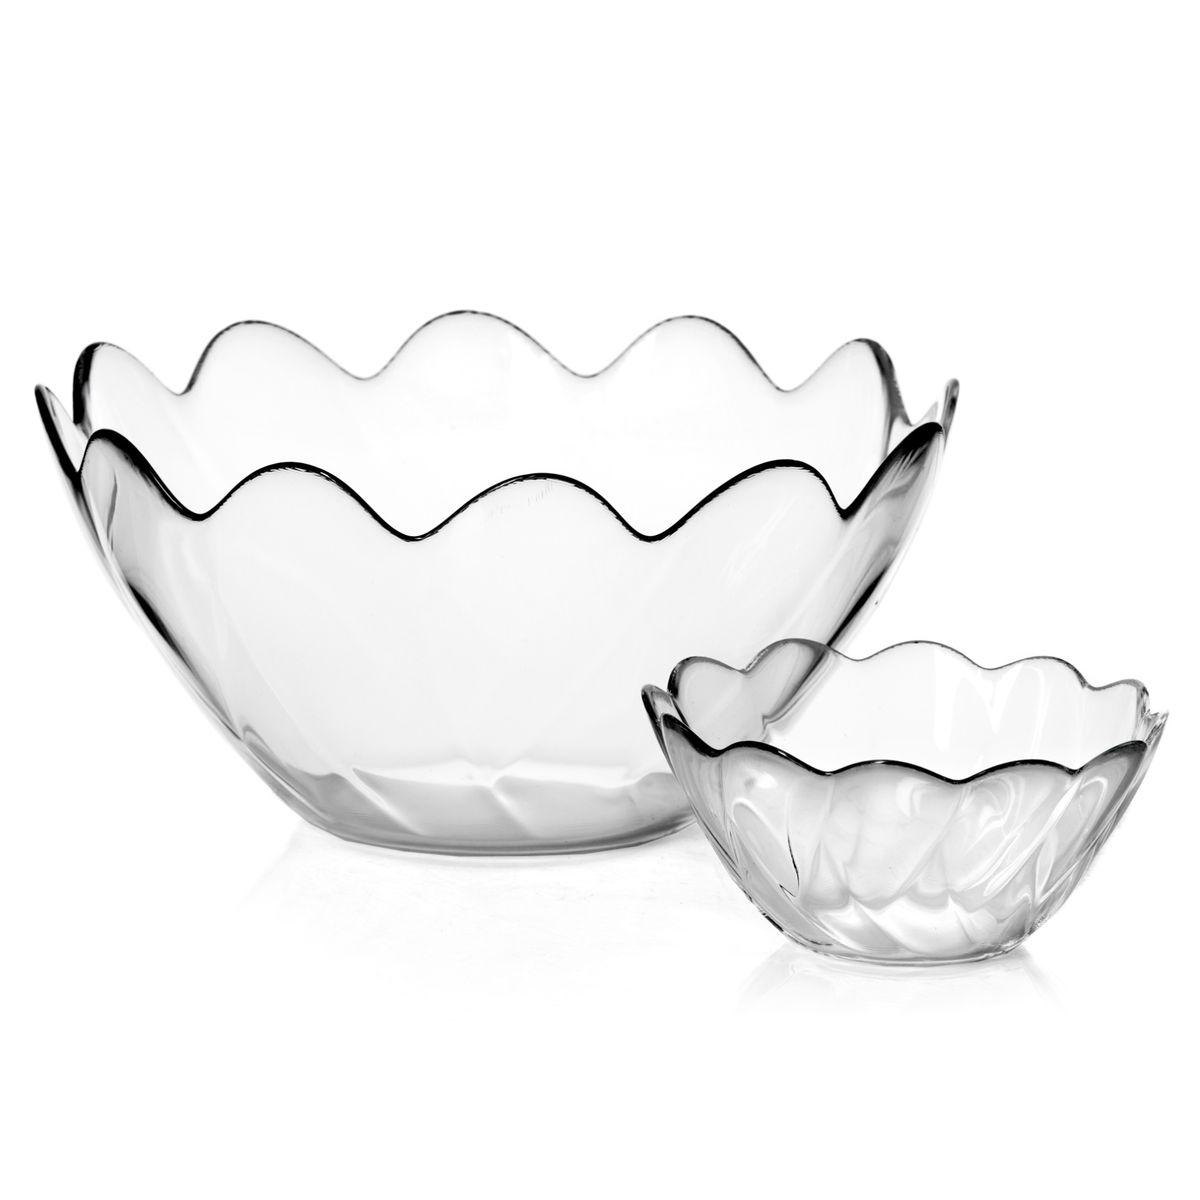 Набор салатников Pasabahce Hasir, цвет: прозрачный, 7 предметов98886Набор Pasabahce Hasir состоит из шести круглых малых и одного большого салатников, выполненных из прочного натрий-кальций-силикатного стекла. Края изделий волнообразные. Такие салатники прекрасно подойдут для сервировки закусок, нарезок, салатов и других блюд. Набор прекрасно оформит праздничный стол и удивит вас изысканным дизайном. Можно мыть в посудомоечной машине. Размер малого салатника: 12,5 см х 12,5 см х 6 см. Количество малых салатников: 6 шт. Размер большого салатника: 23 см х 23 см х 11 см.